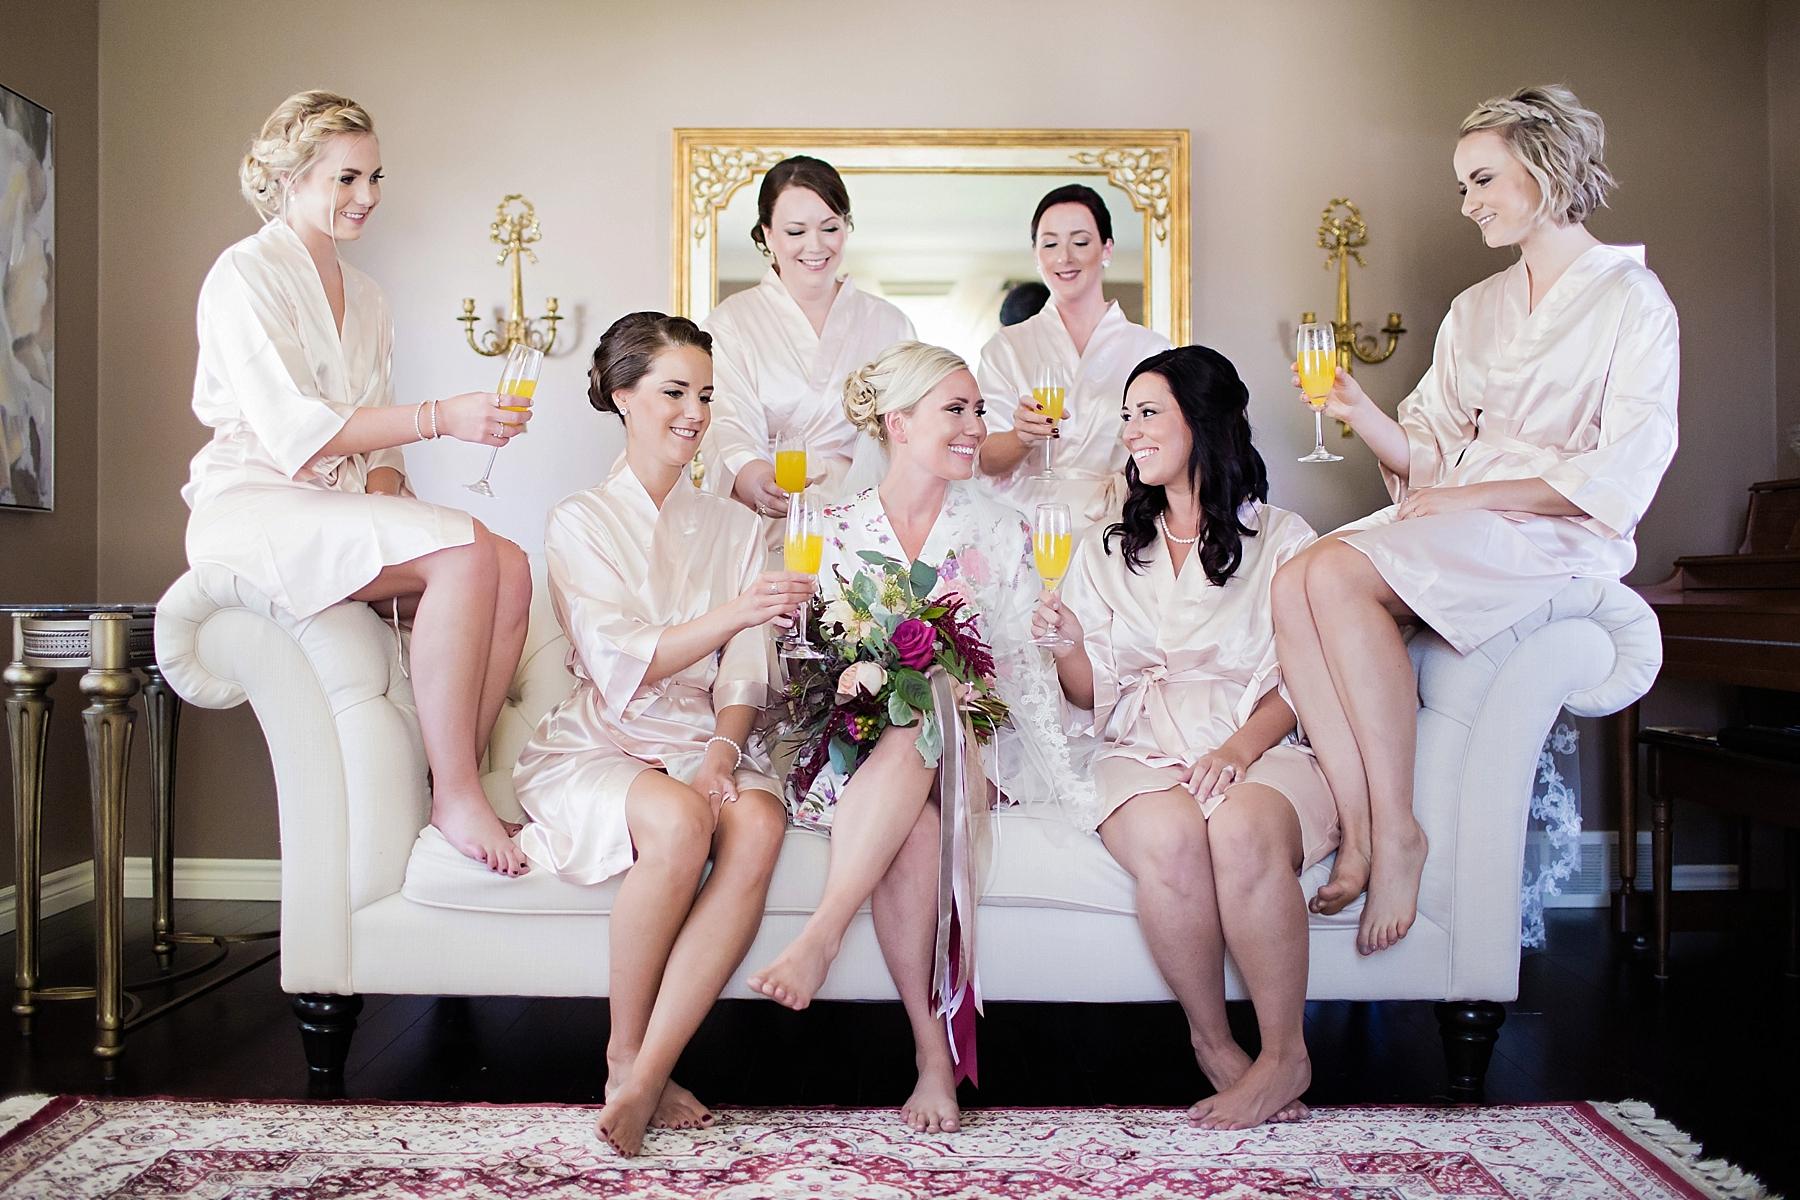 windsor-wedding-photographer-essex-golf-country-club-wedding-eryn-shea-photography_0011.jpg